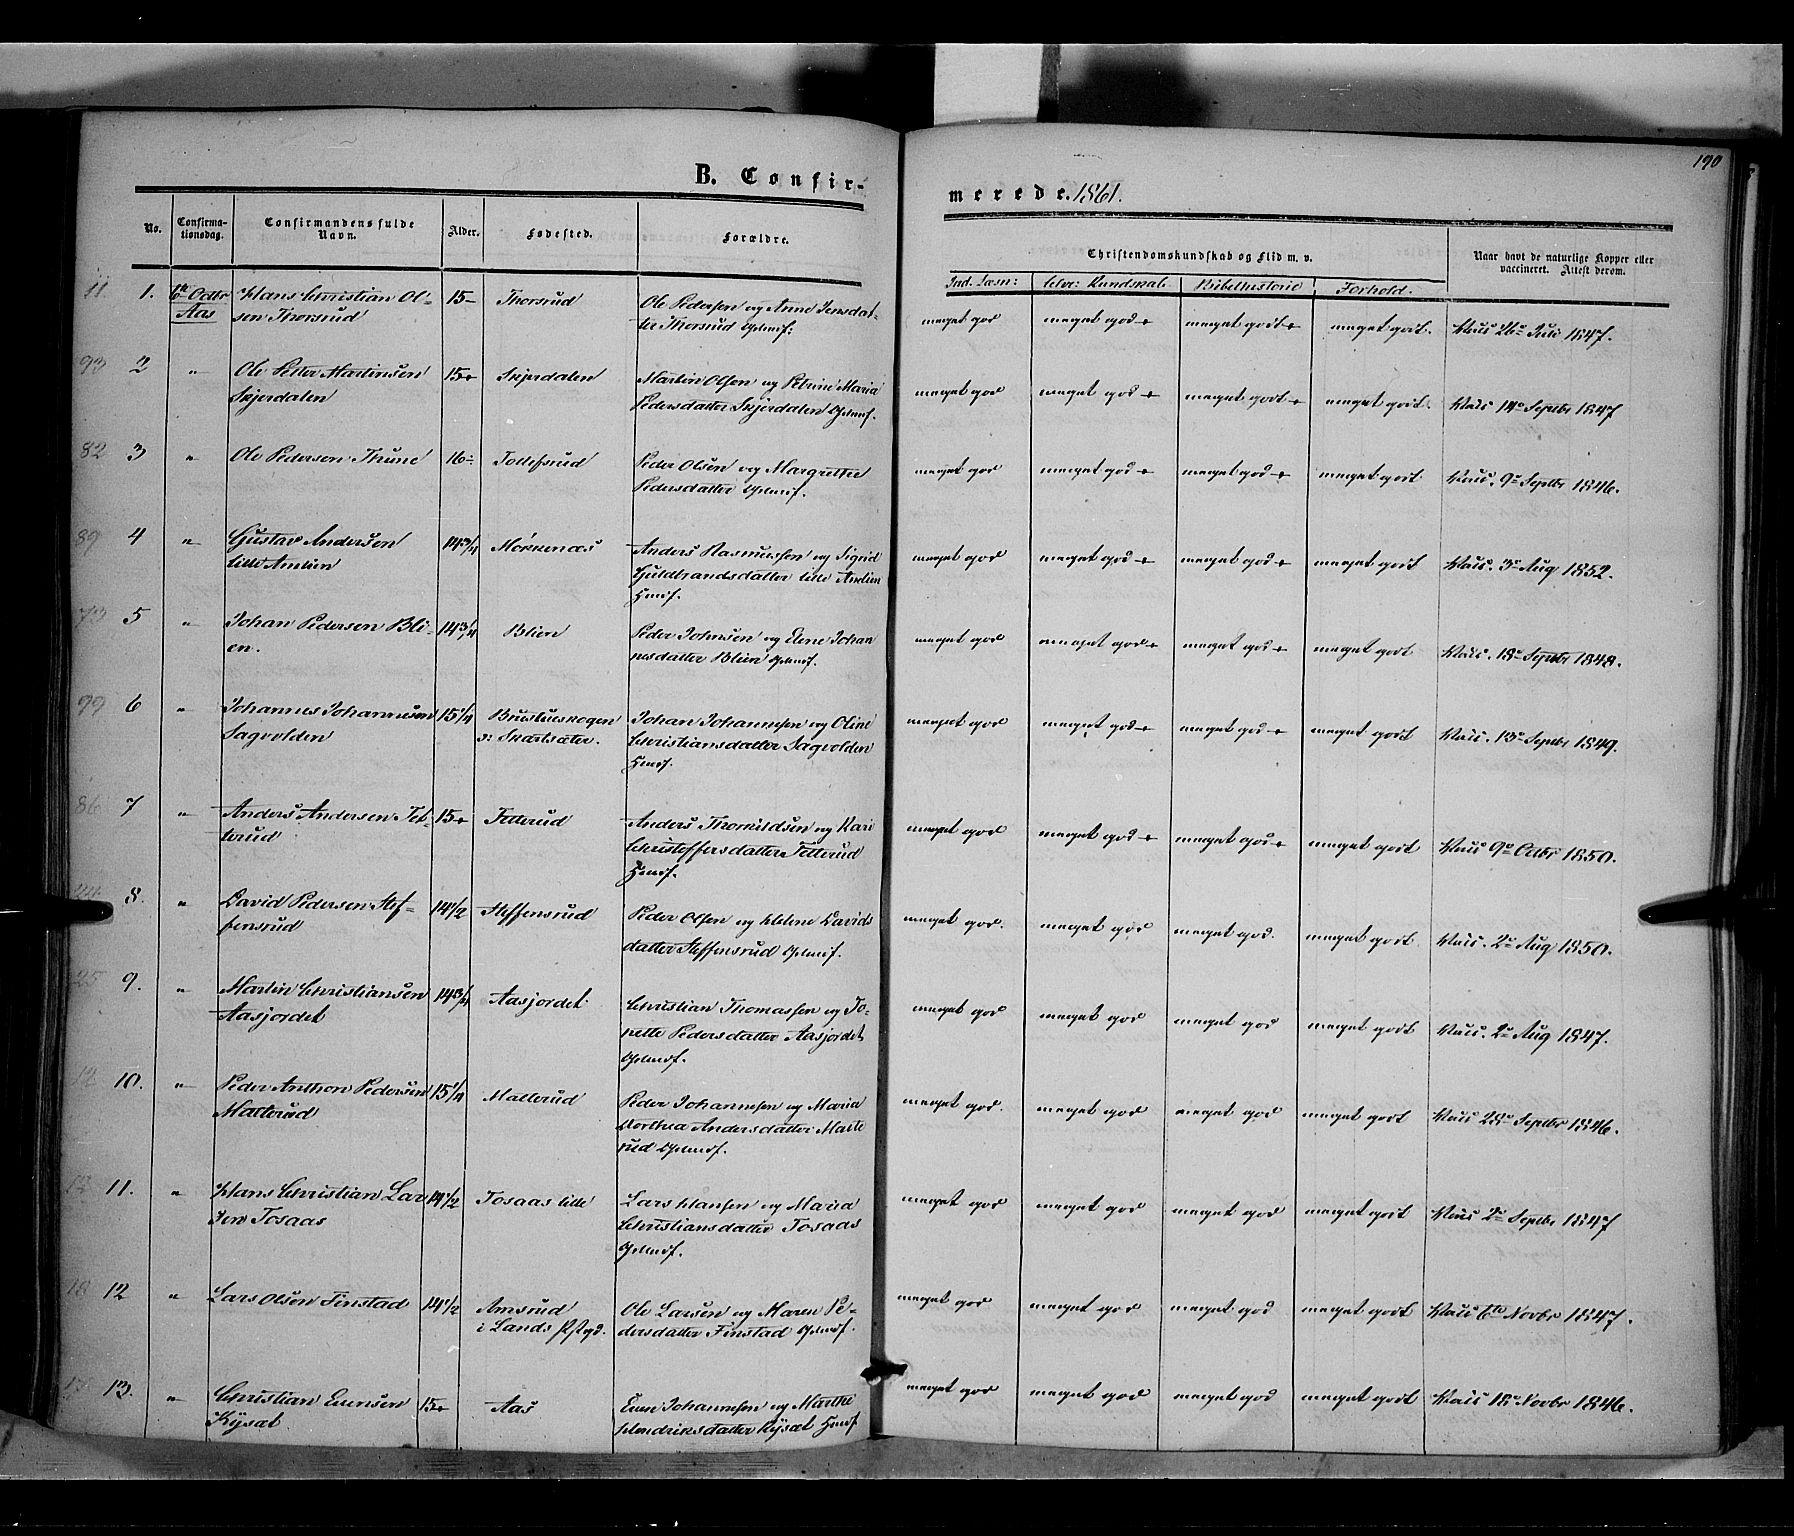 SAH, Vestre Toten prestekontor, Ministerialbok nr. 6, 1856-1861, s. 190